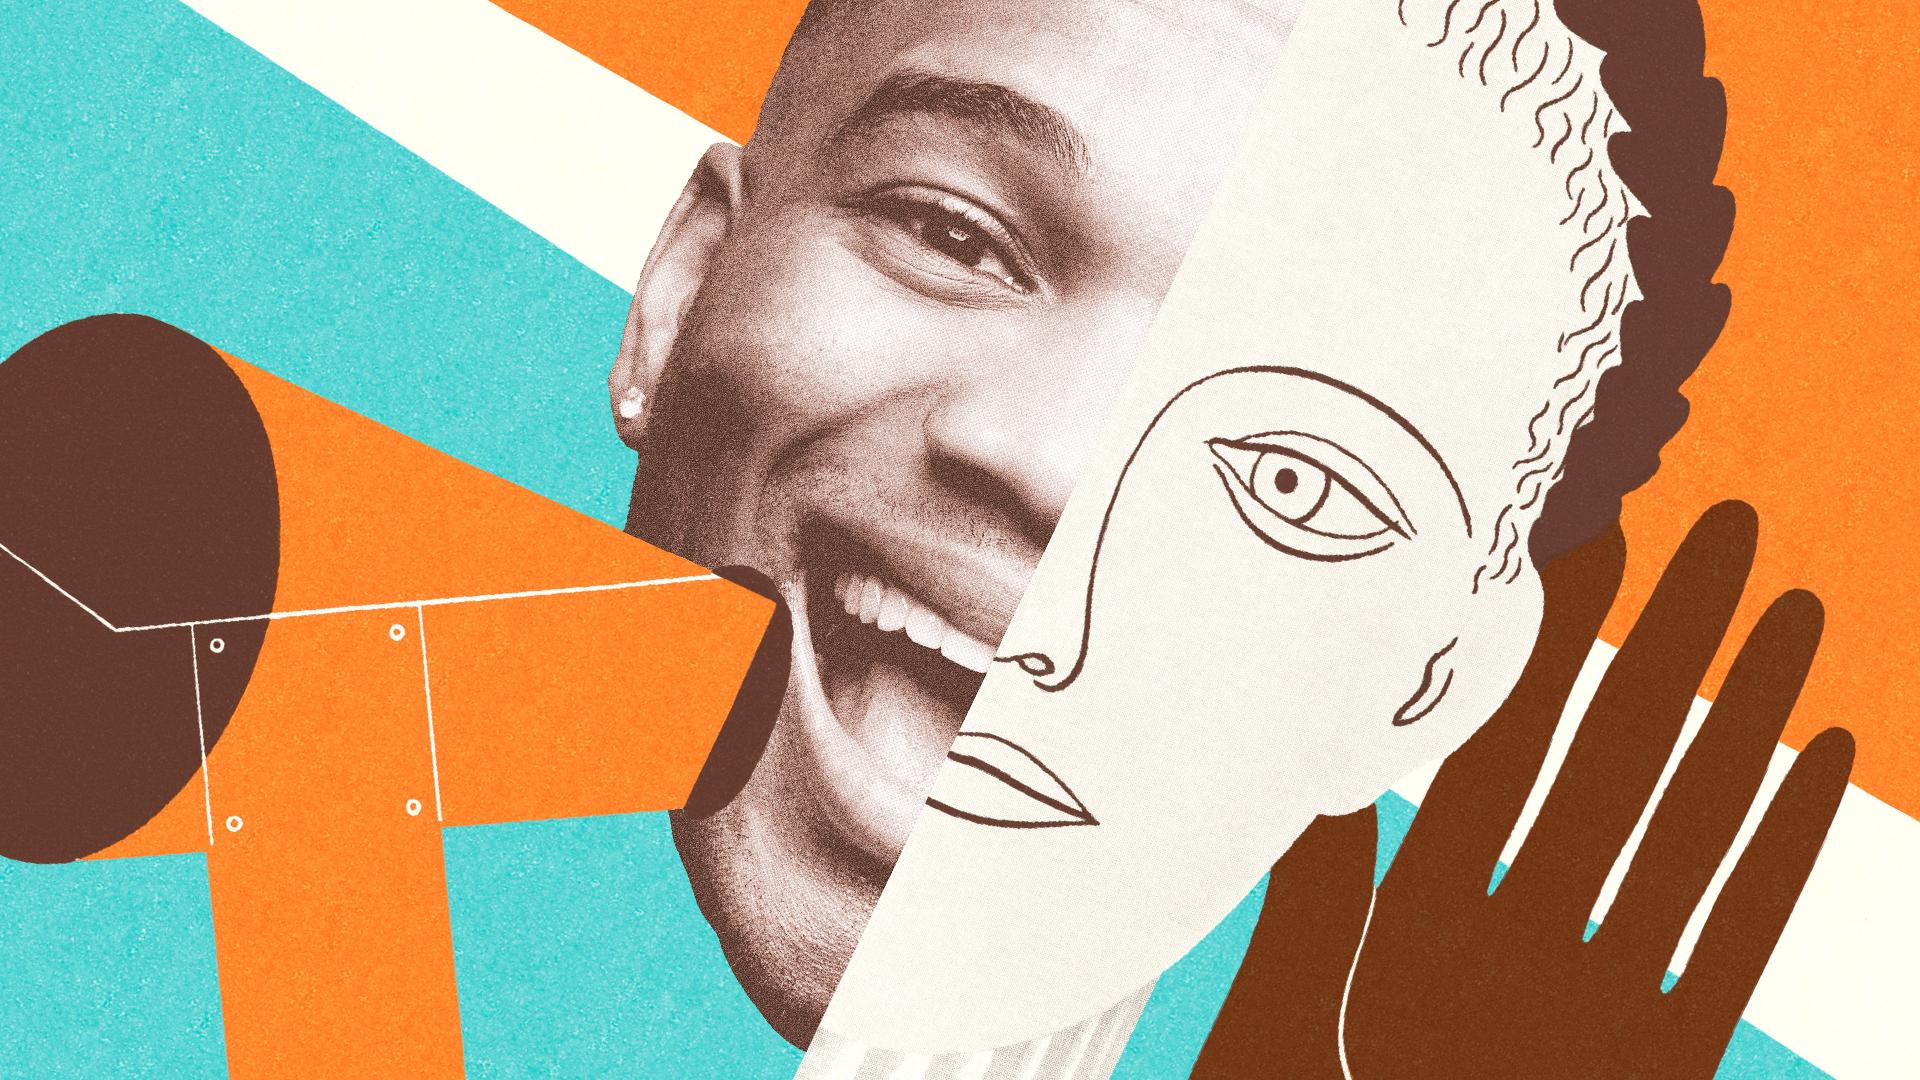 Araştırmalara Göre 'Gay Sesi' Olan İnsanlara Ayrımcılık Yapılıyor